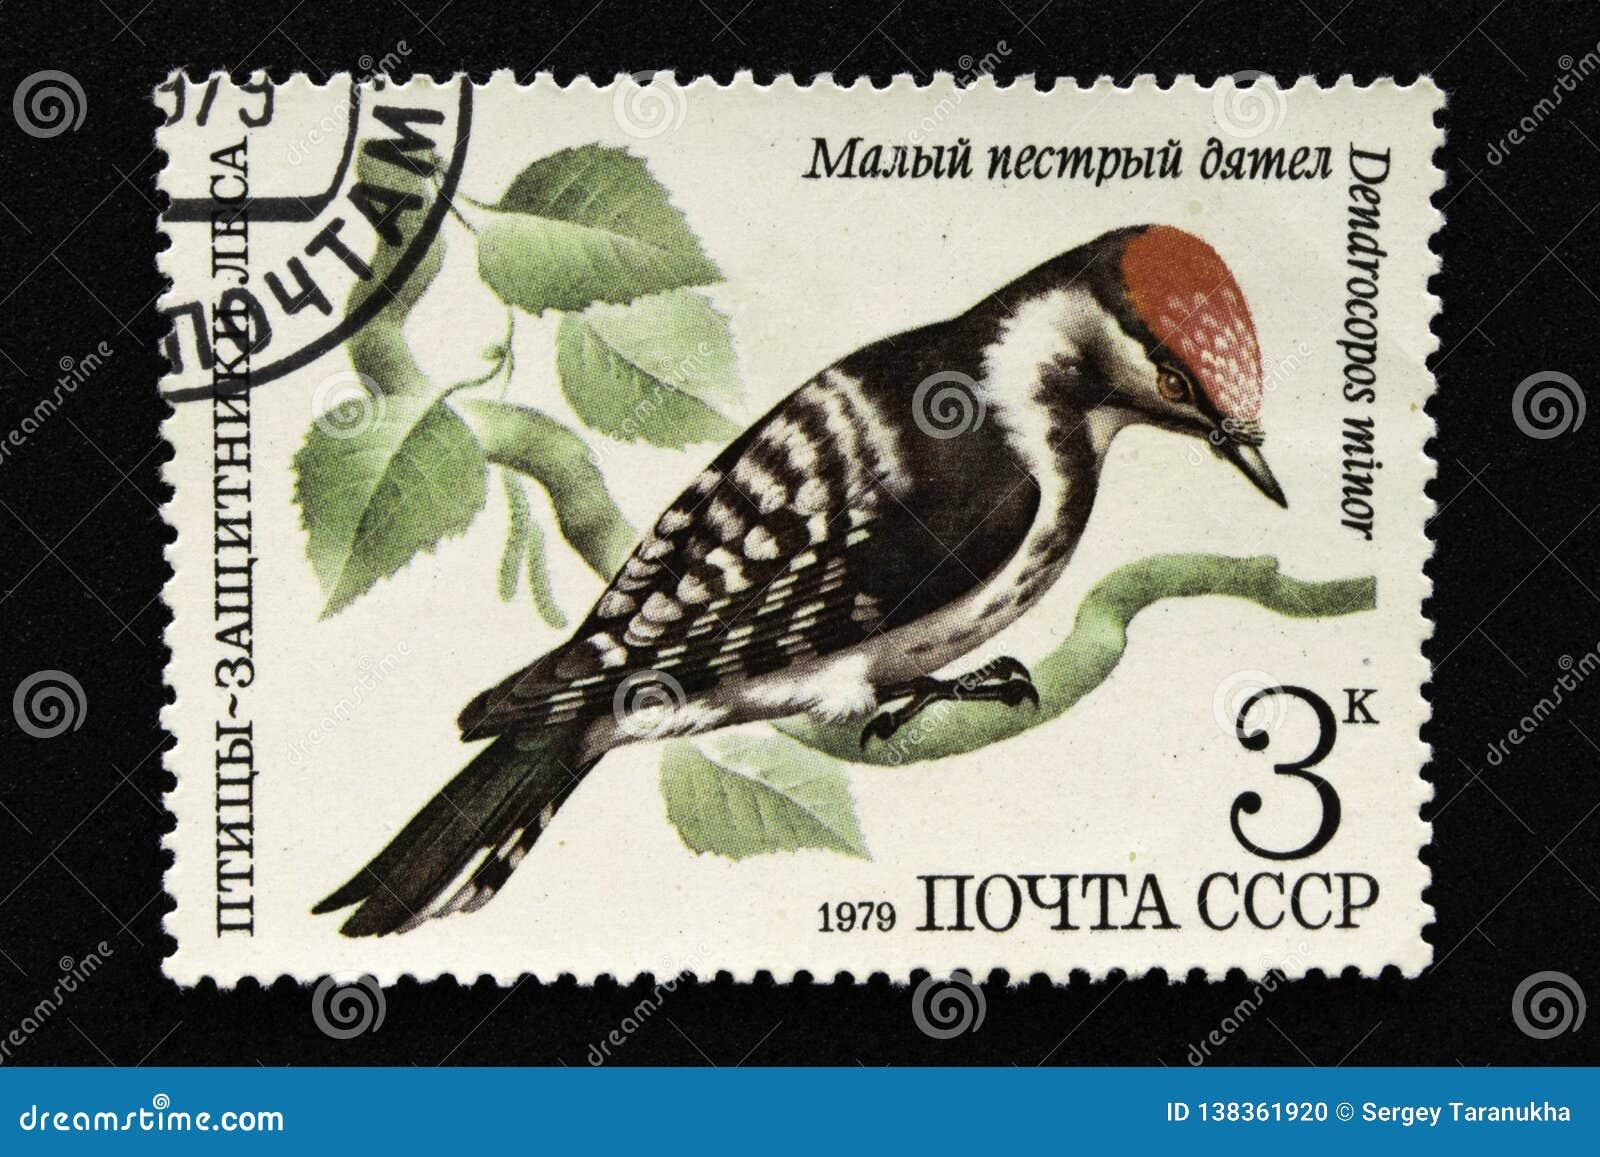 Το γραμματόσημο της ΕΣΣΔ, σειρά - πουλιά - επιδεικνύοντες του δάσους, 1979